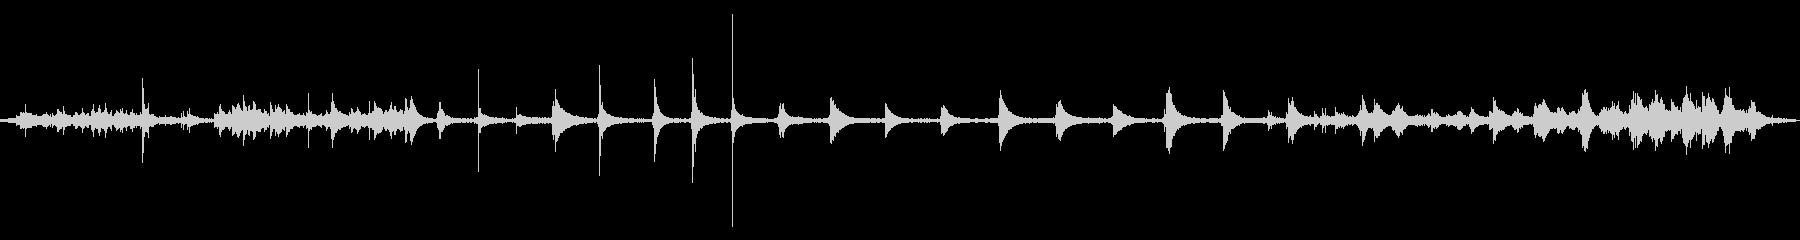 ベルフェアリーボールの未再生の波形